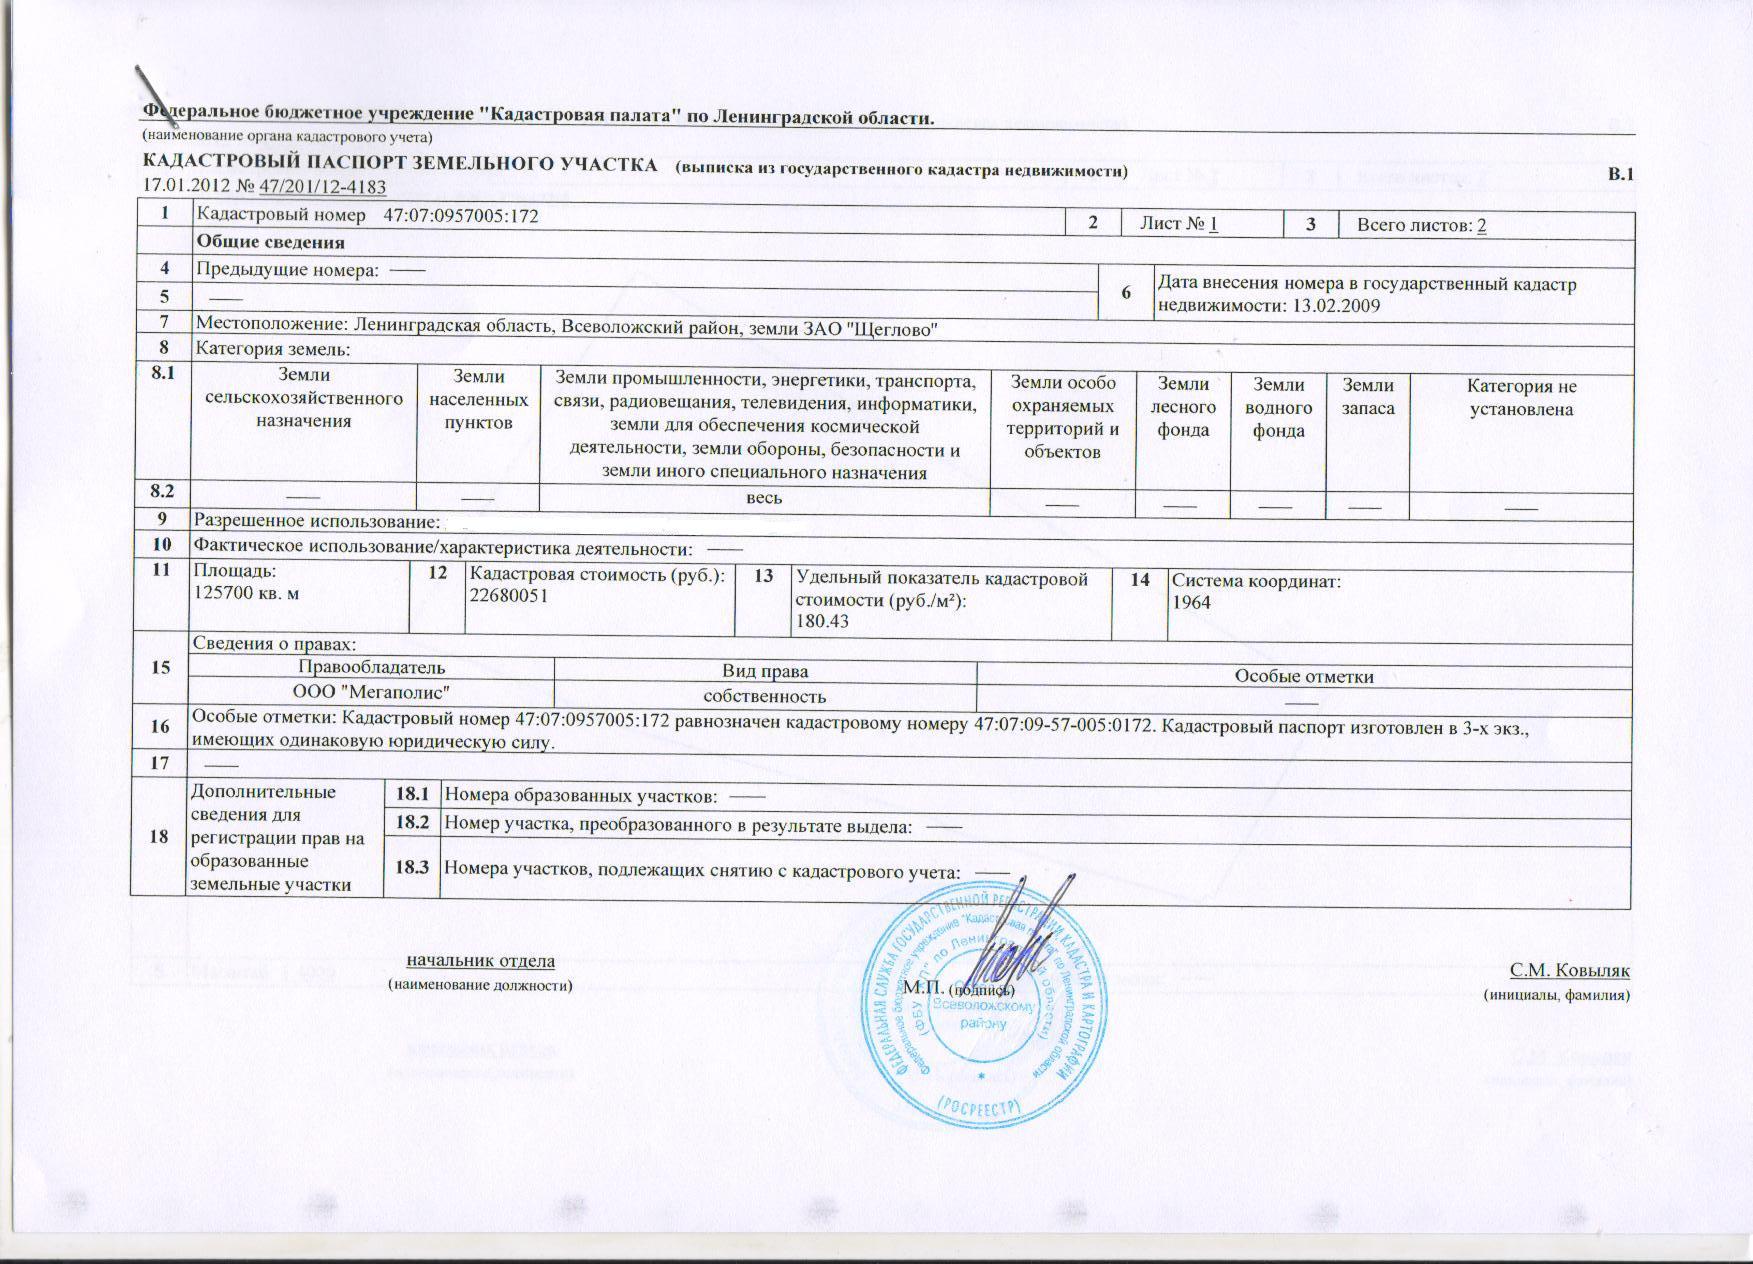 дата внесения номера в государственный кадастр недвижимости